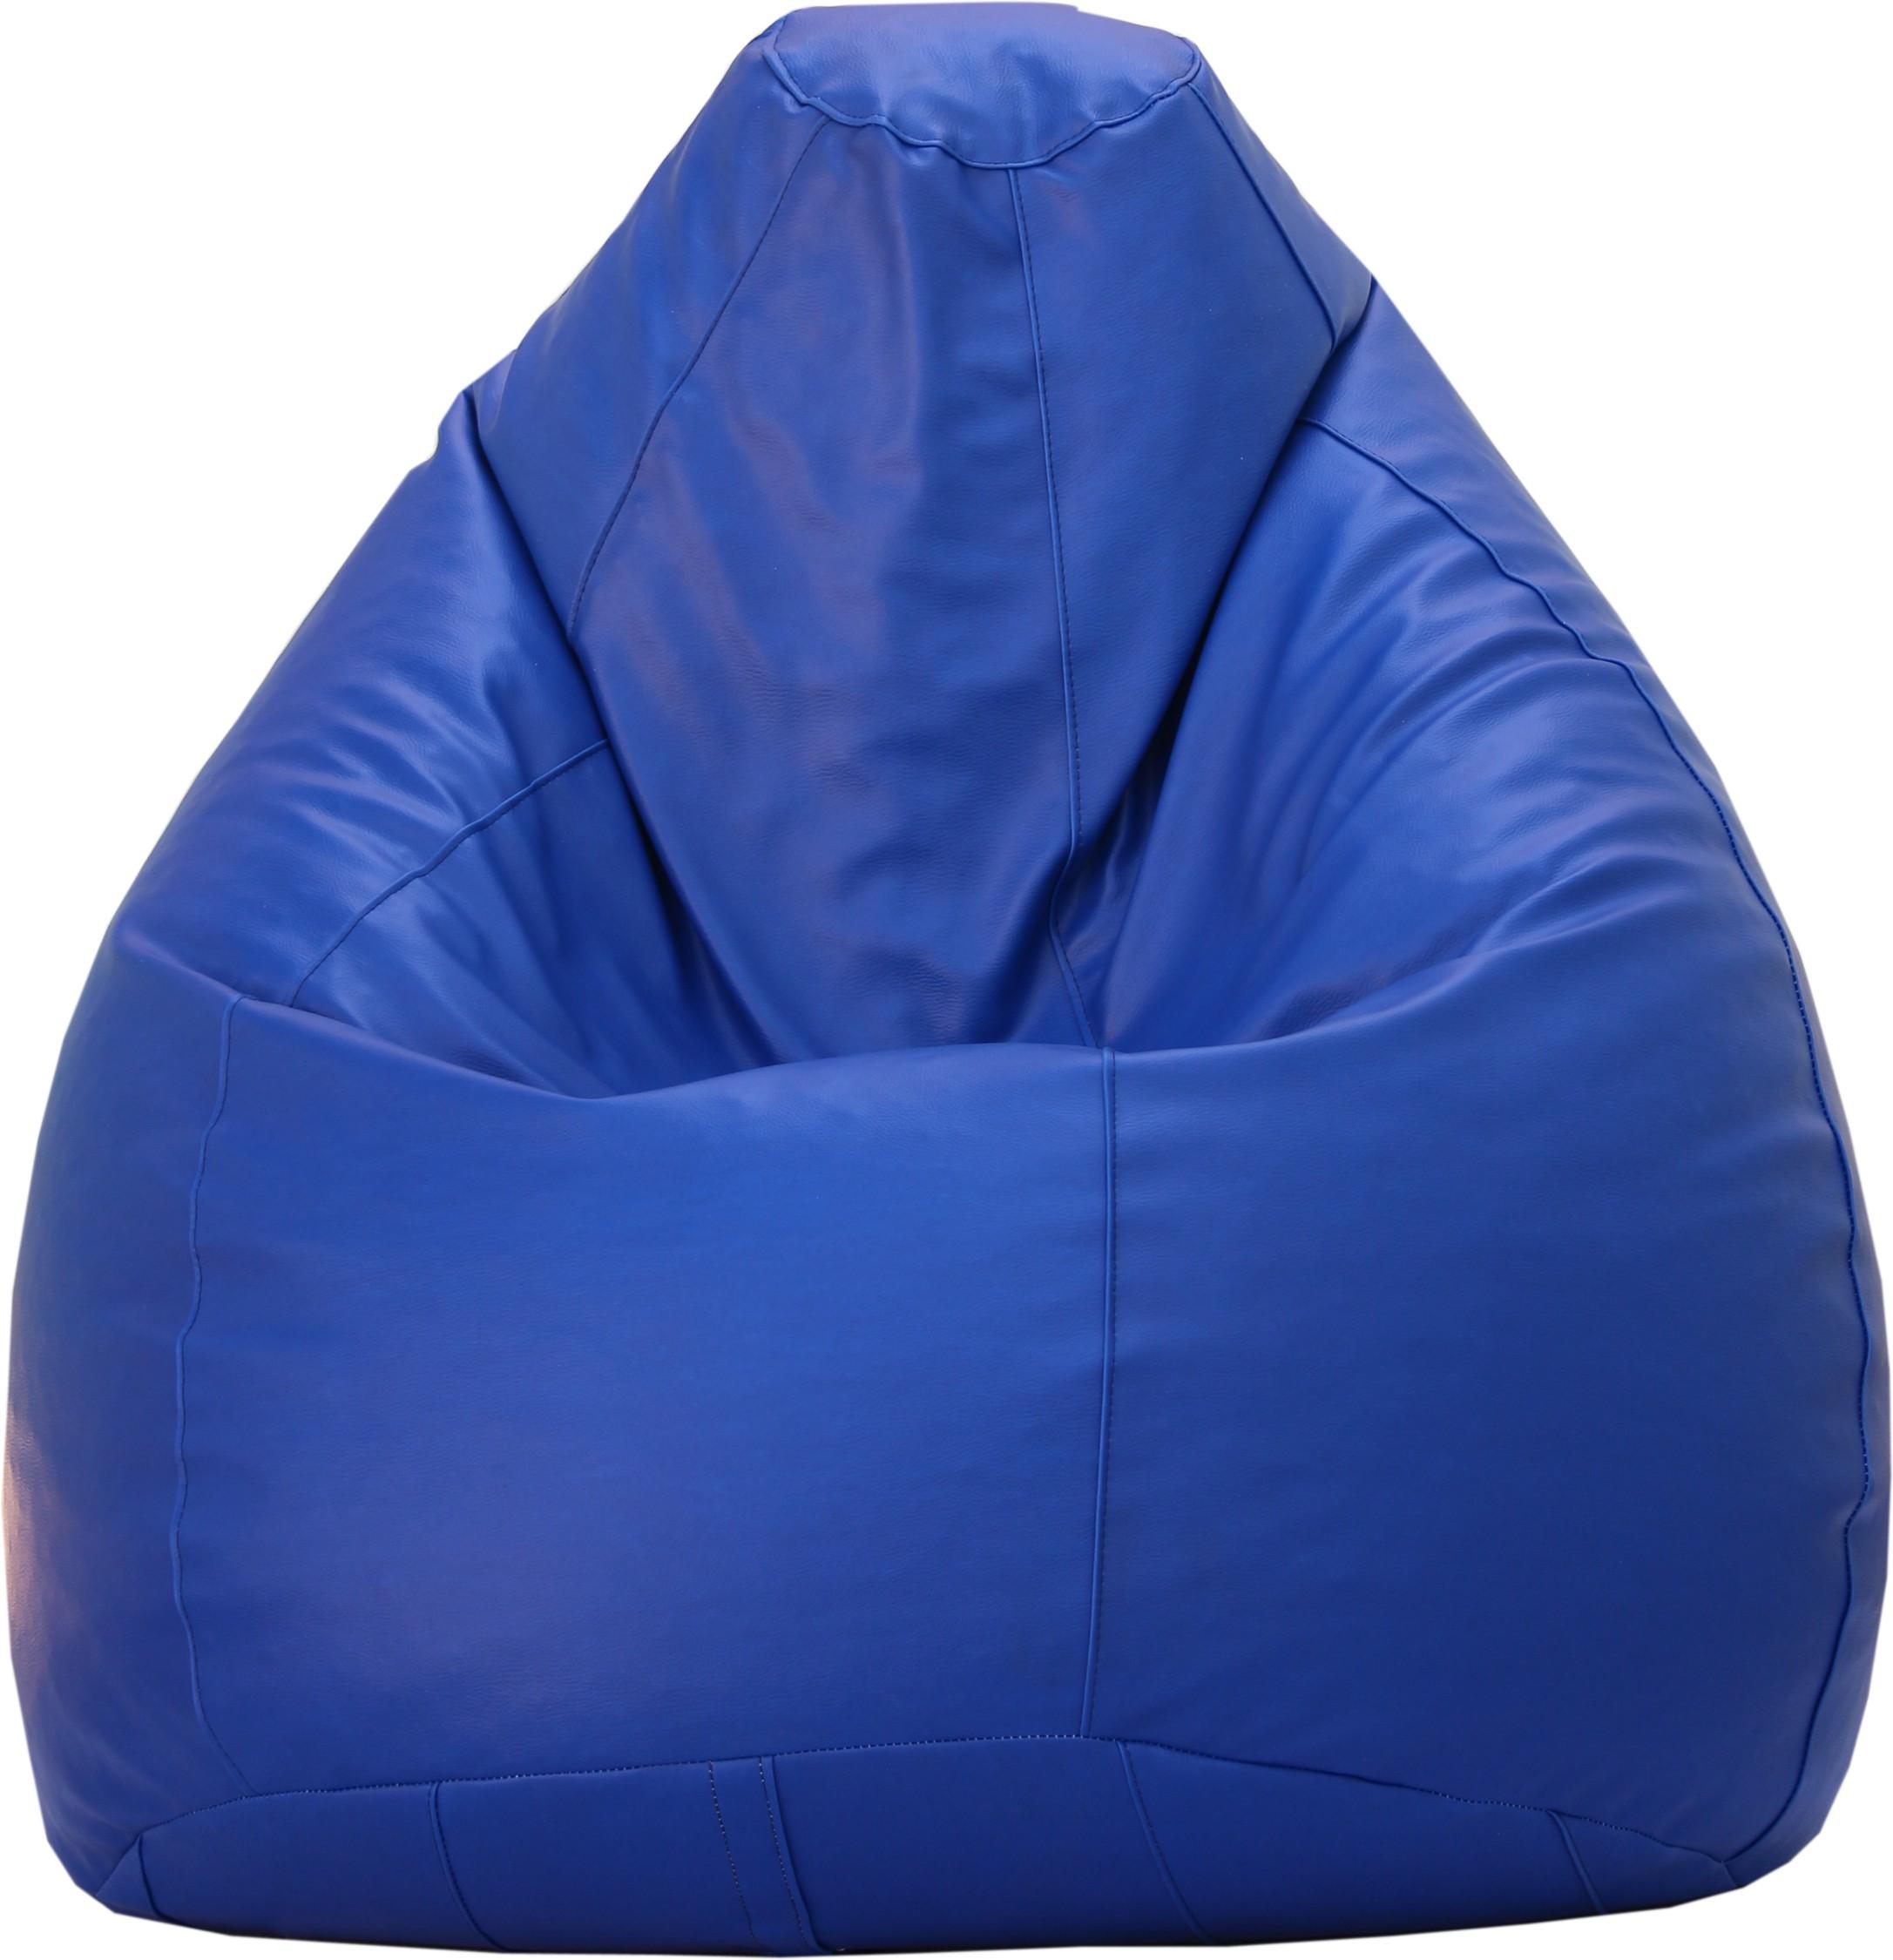 View Beanskart XXXL Bean Bag XXXL (Filled With Beans) Bean Bag  With Bean Filling(Blue) Furniture (Beanskart)